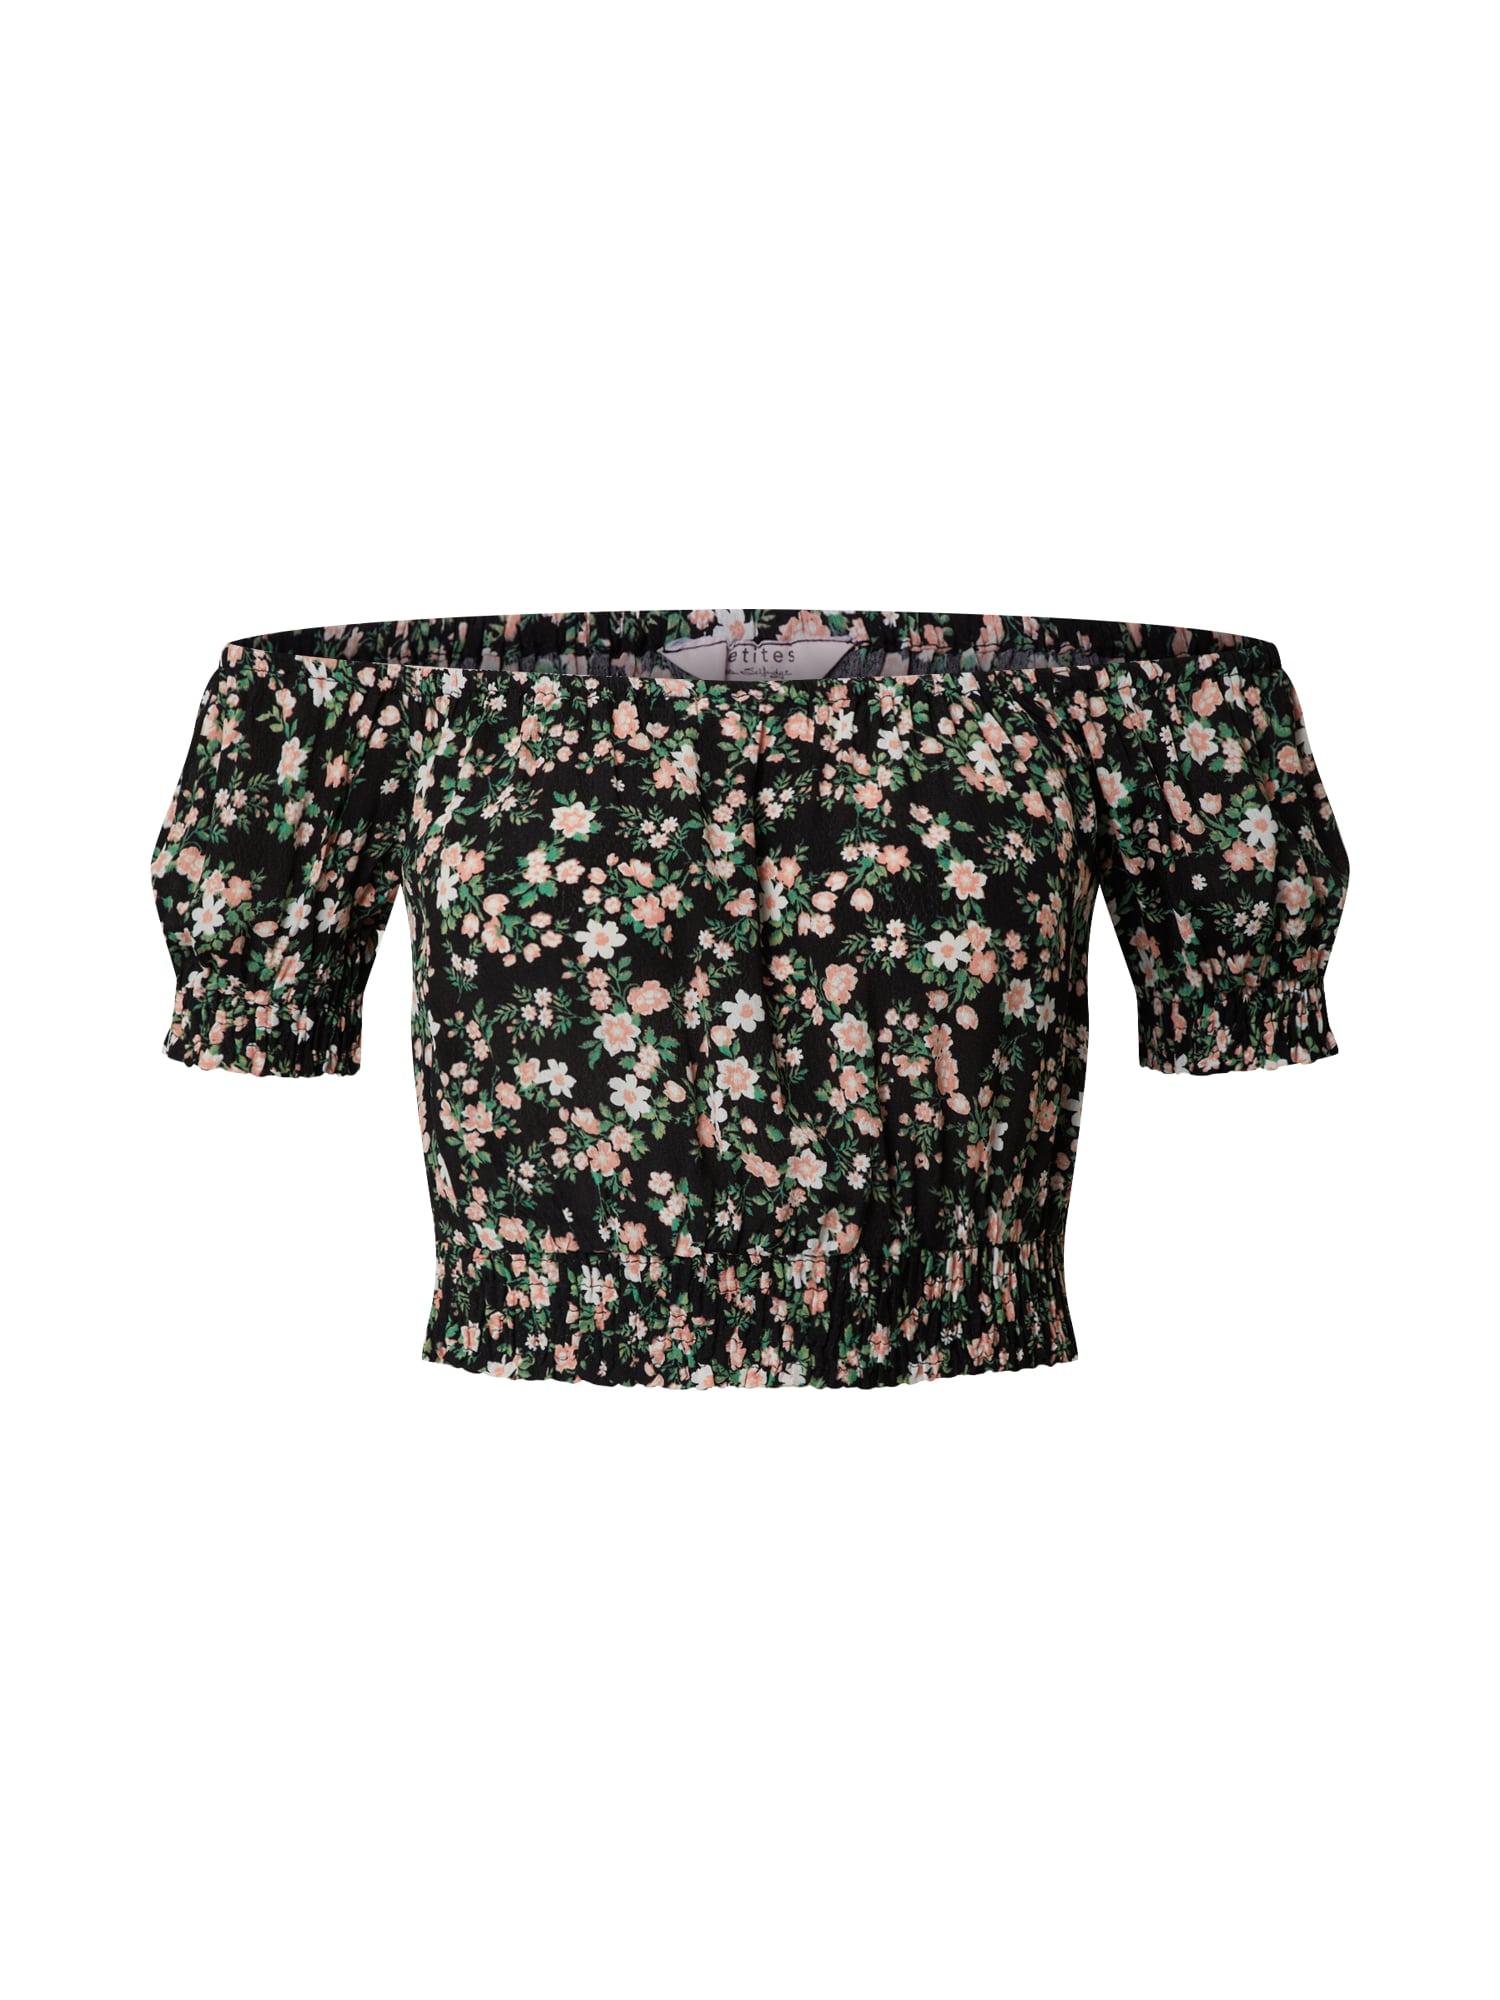 Miss Selfridge (Petite) Palaidinė juoda / žalia / balta / ryškiai rožinė spalva